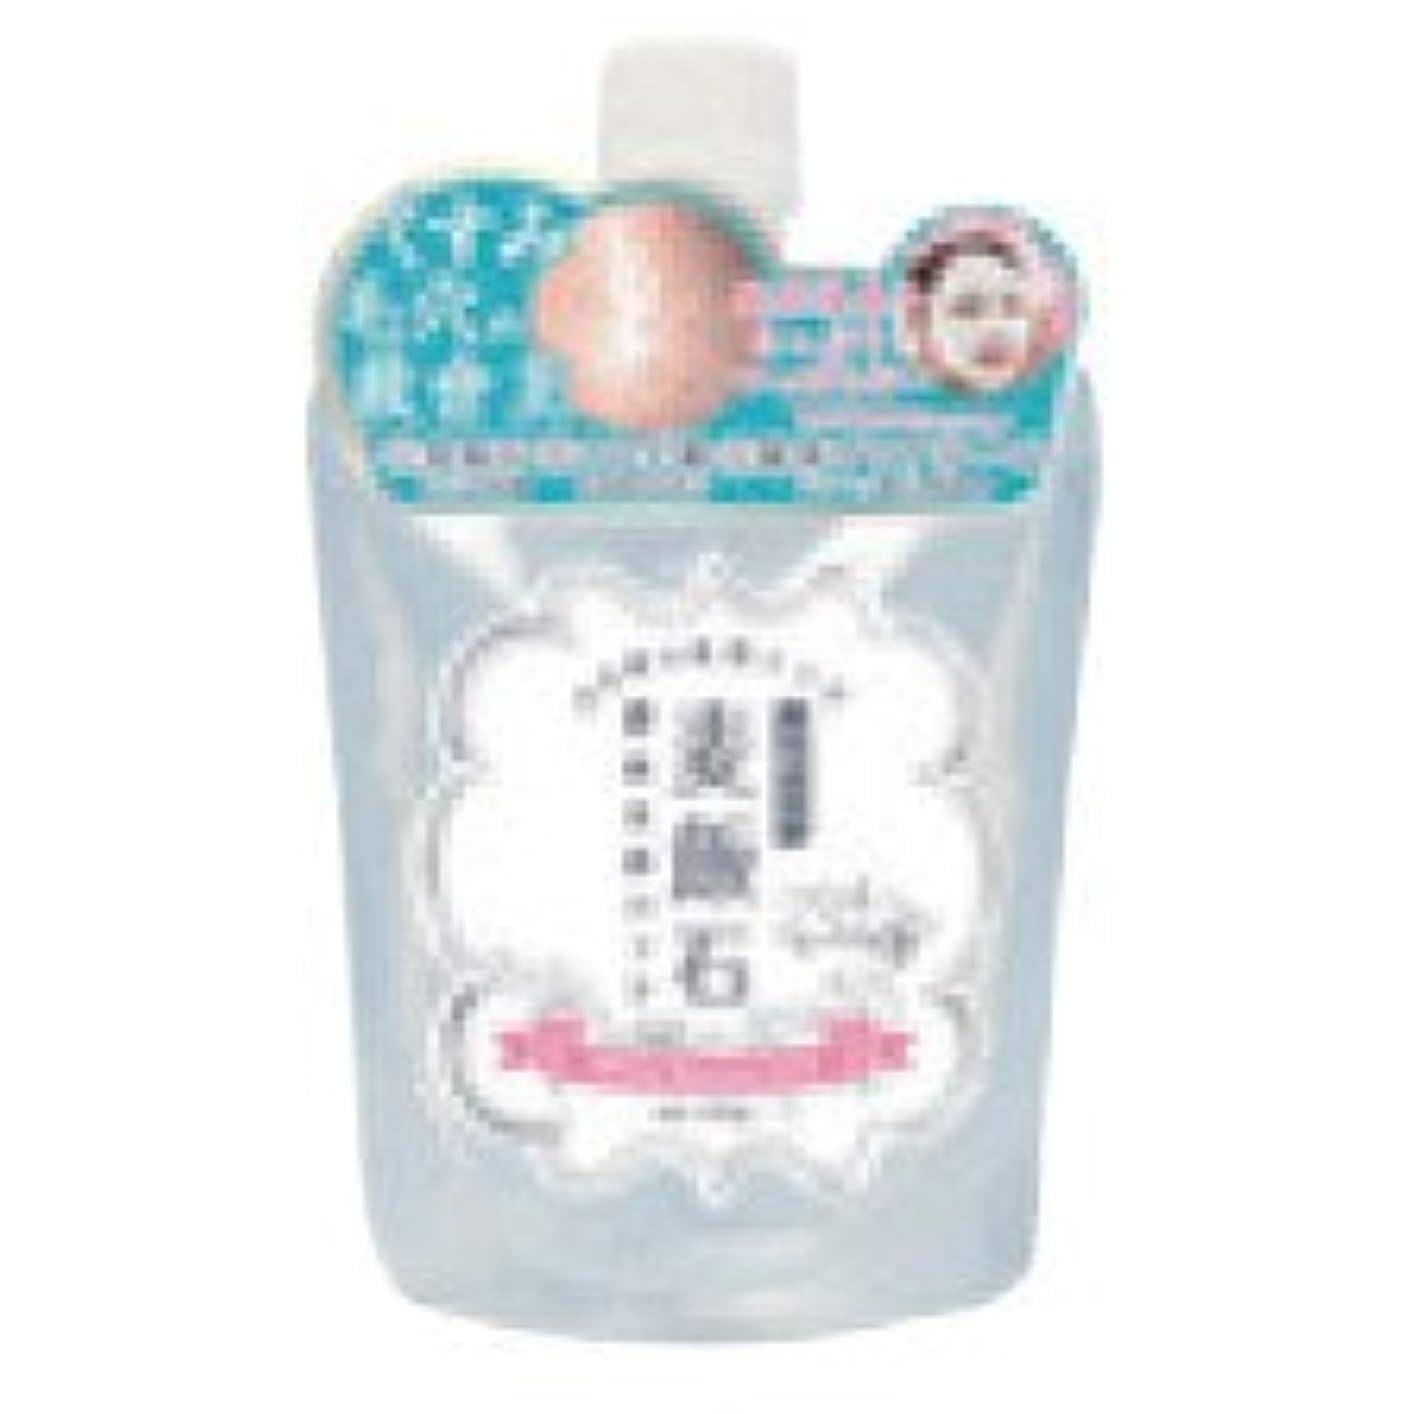 モール味オーストラリアホワイトムースパック 美濃白川麦飯石酵素洗顔パック 100g 2個セット